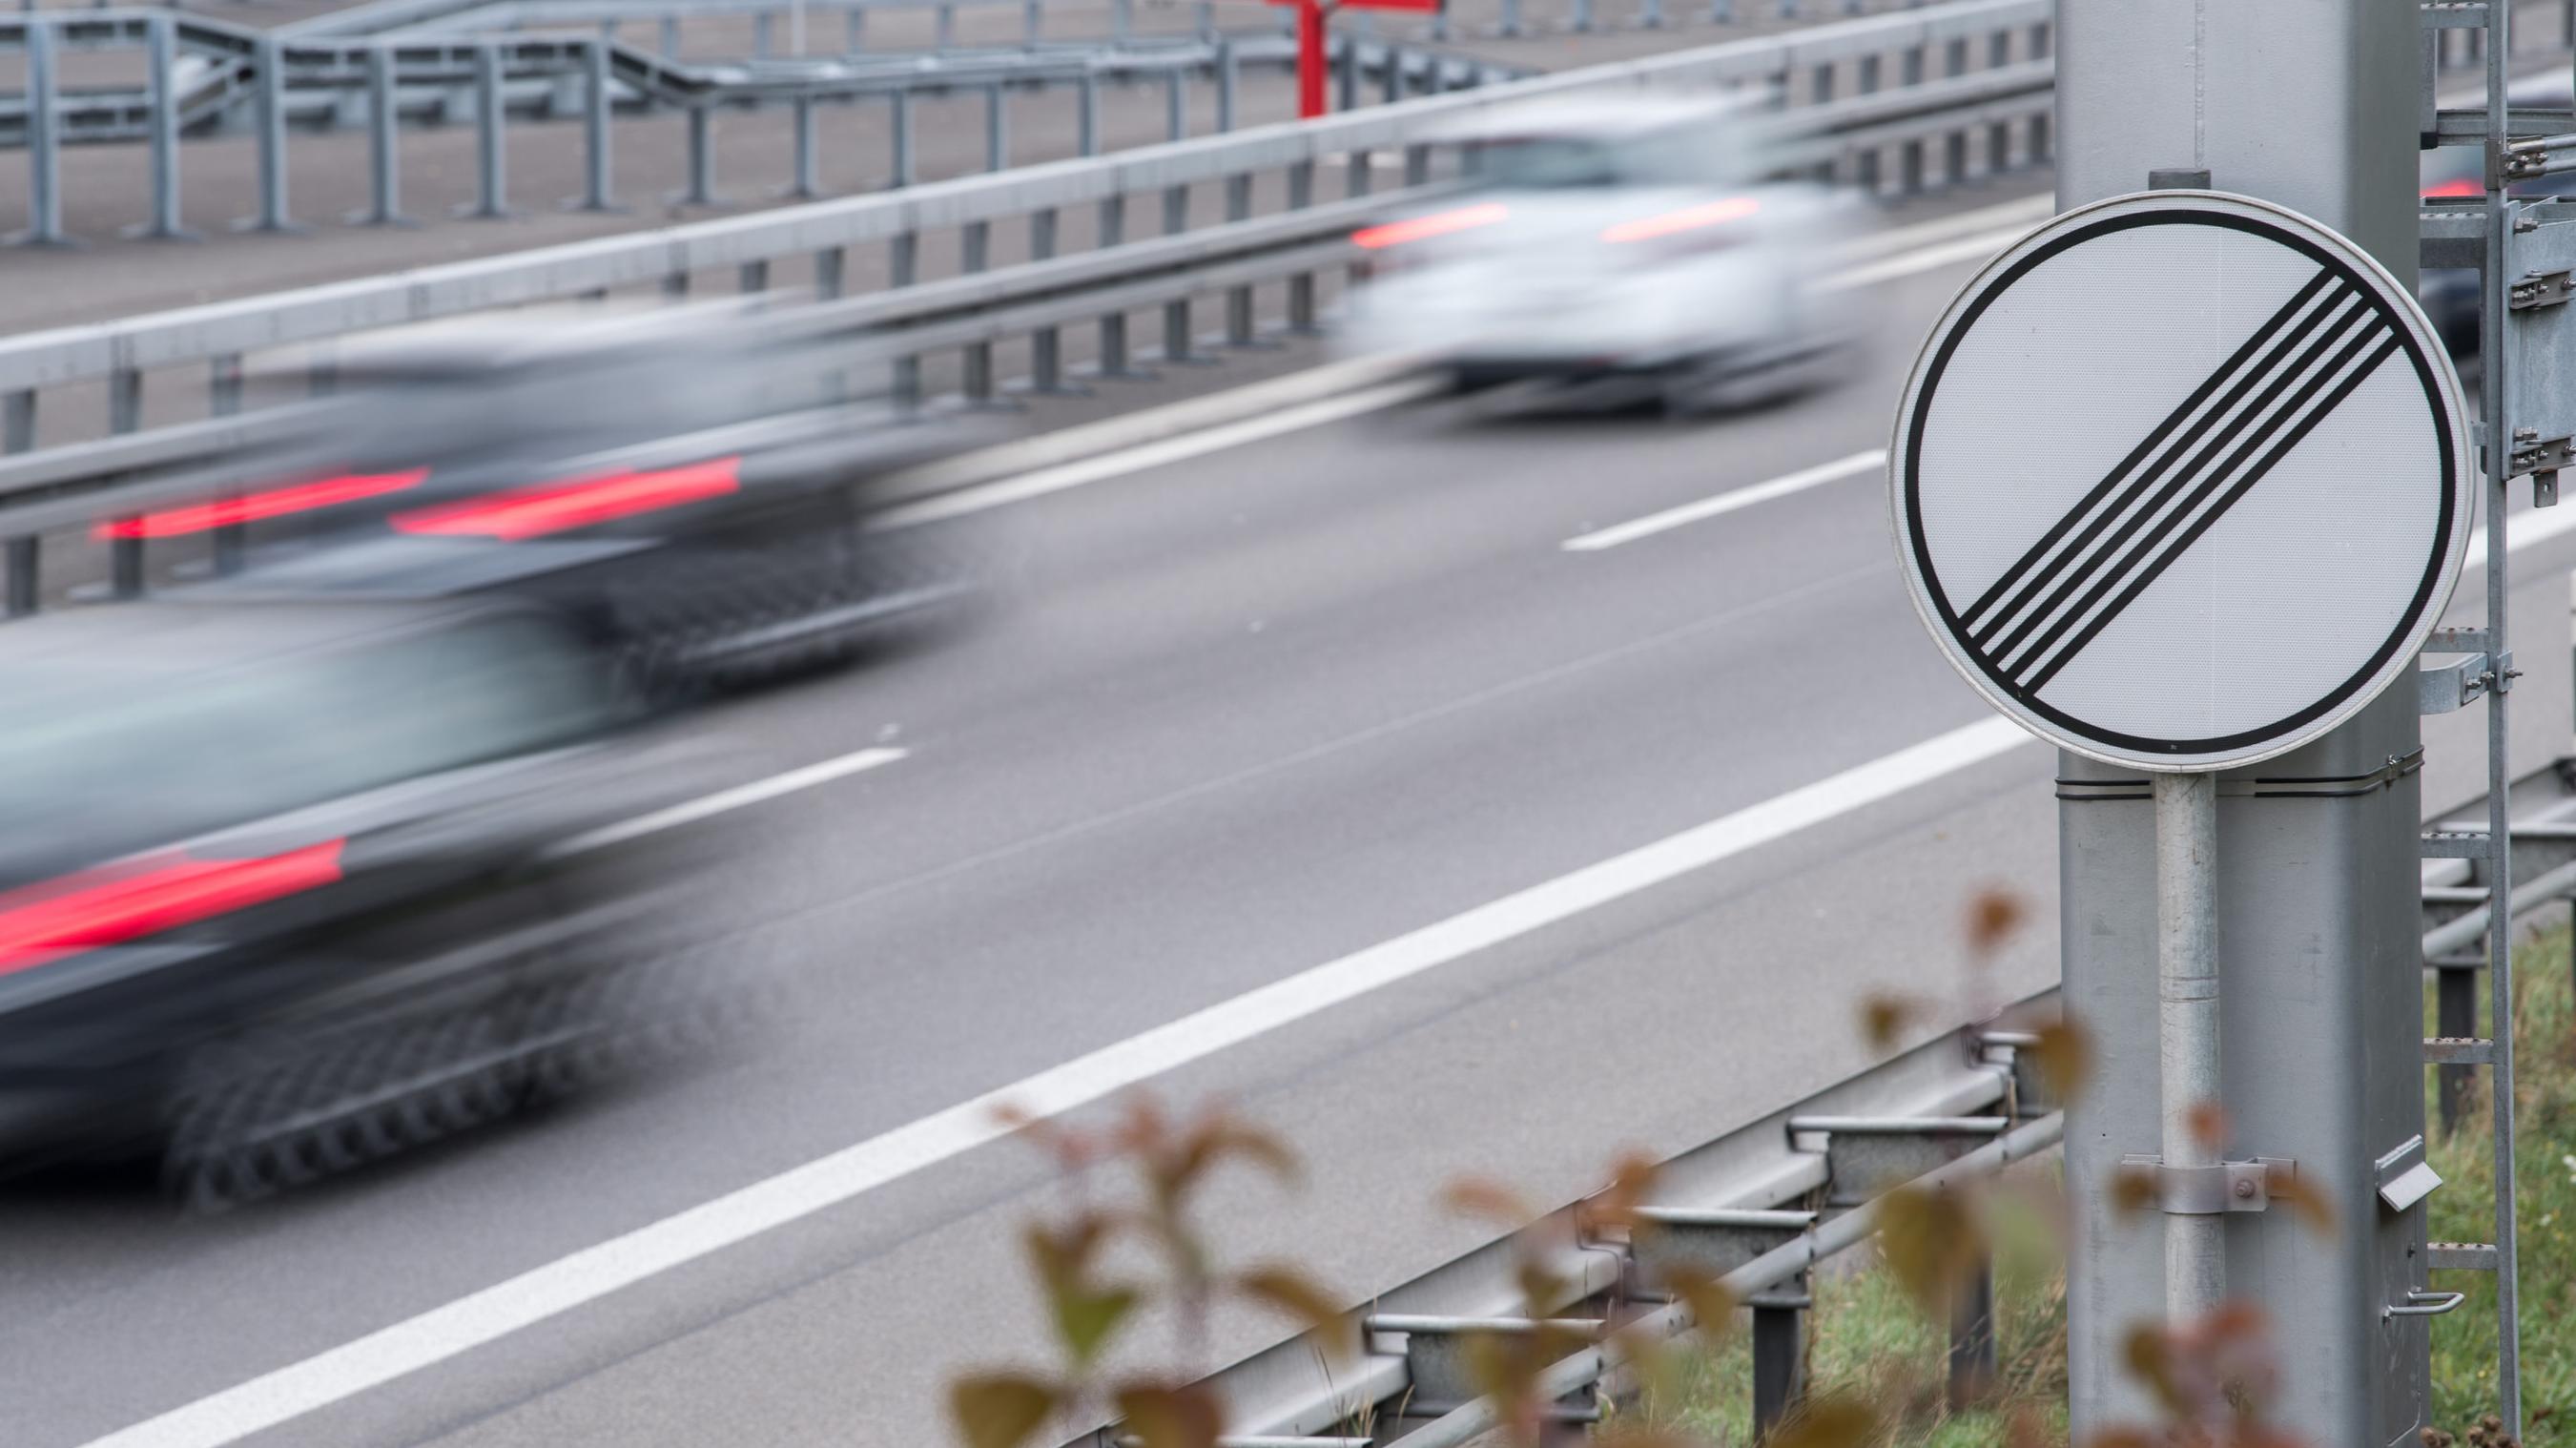 Verkehrsschild an einer Autobahn